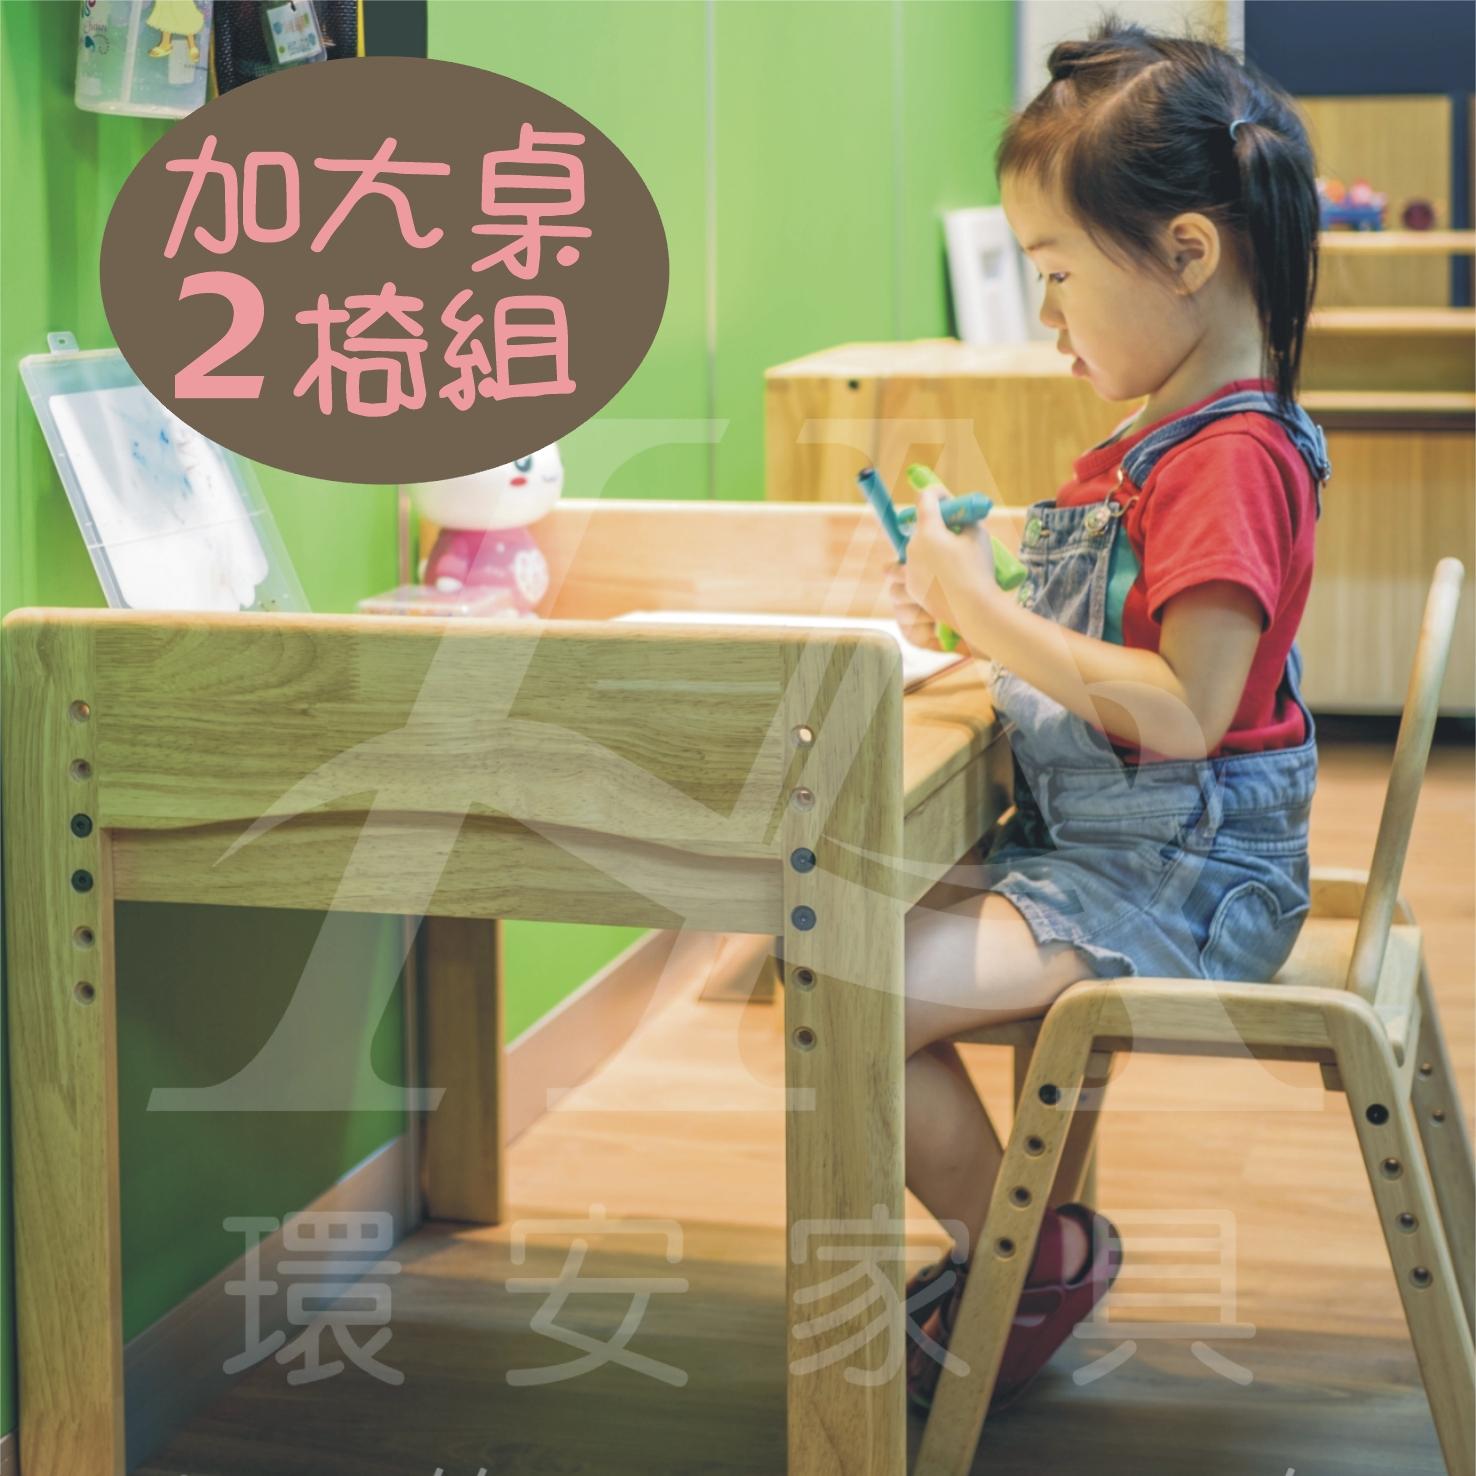 環安家具-幼兒成長桌椅組/加大款/一桌二椅組可多段調整/寶寶 兒童書桌椅★護木保養液加購價只要150元★